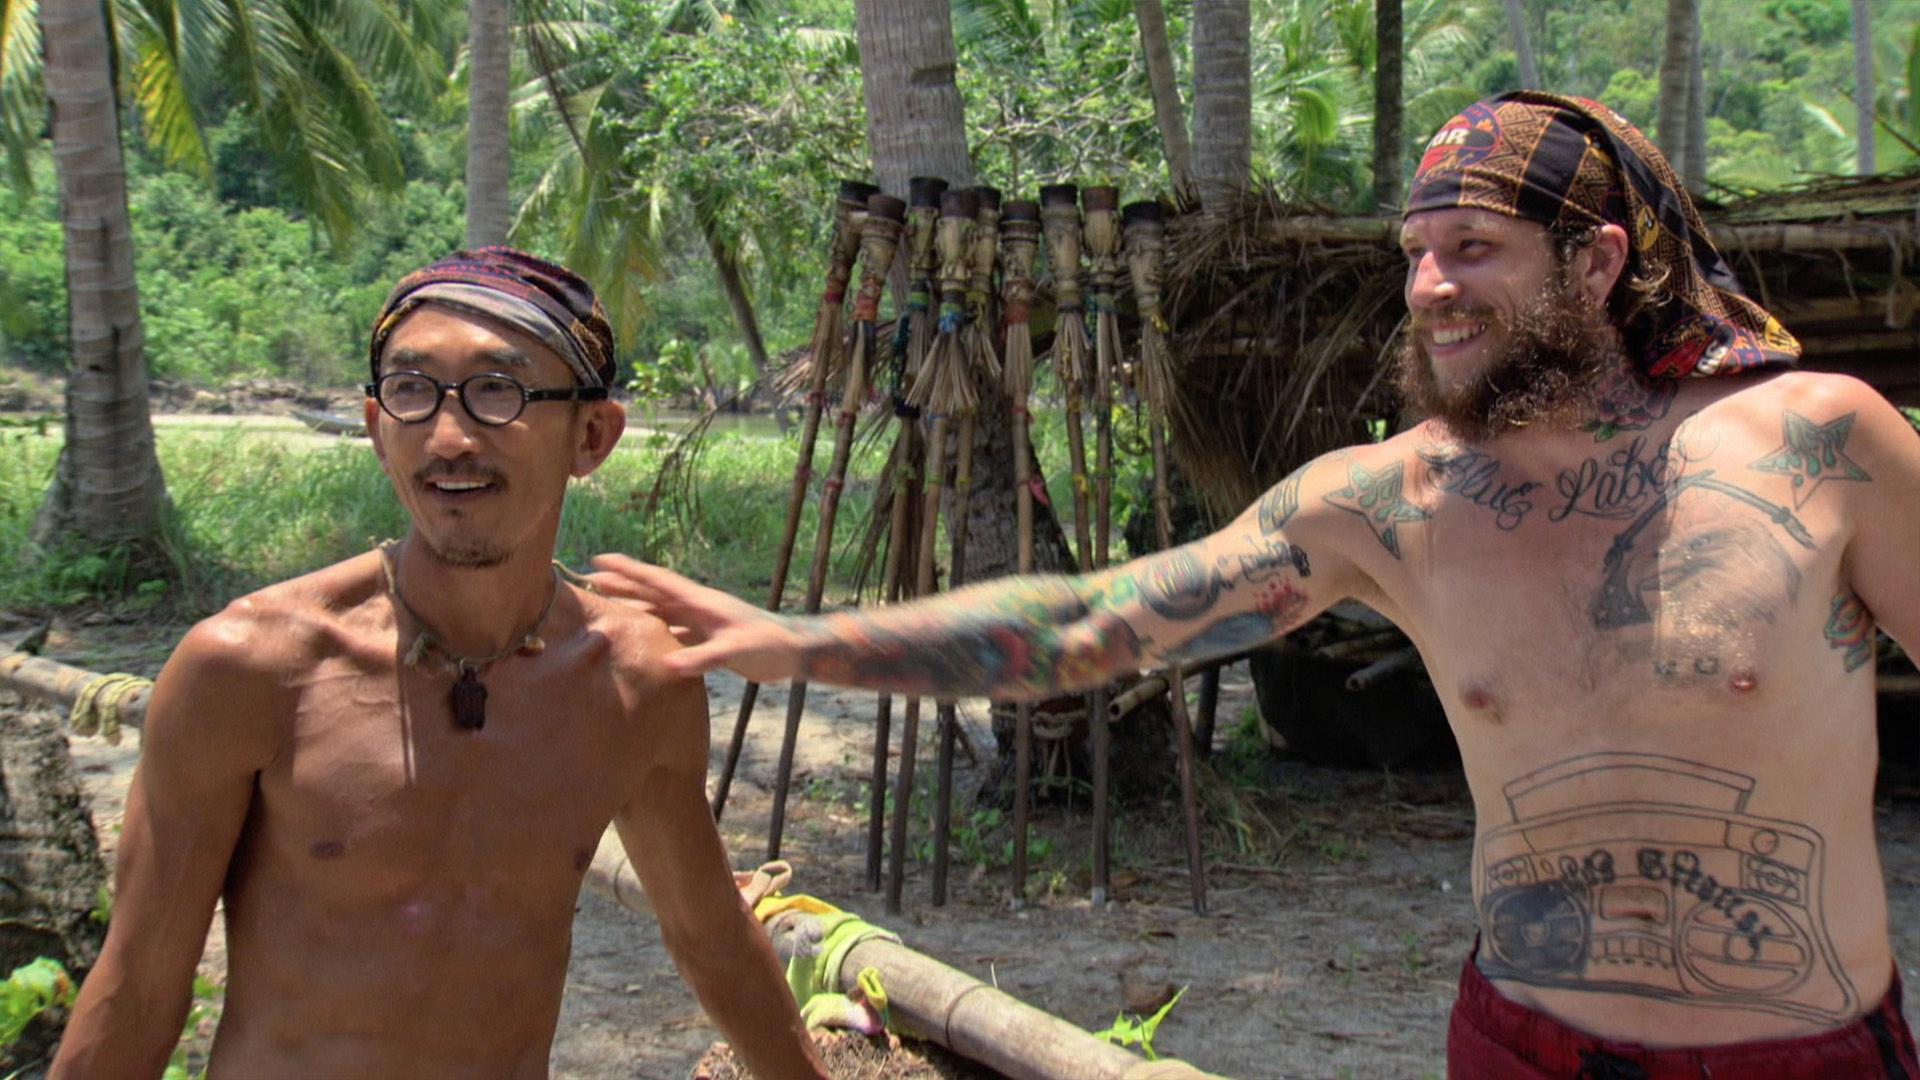 Tai and Jason joke around between challenges.